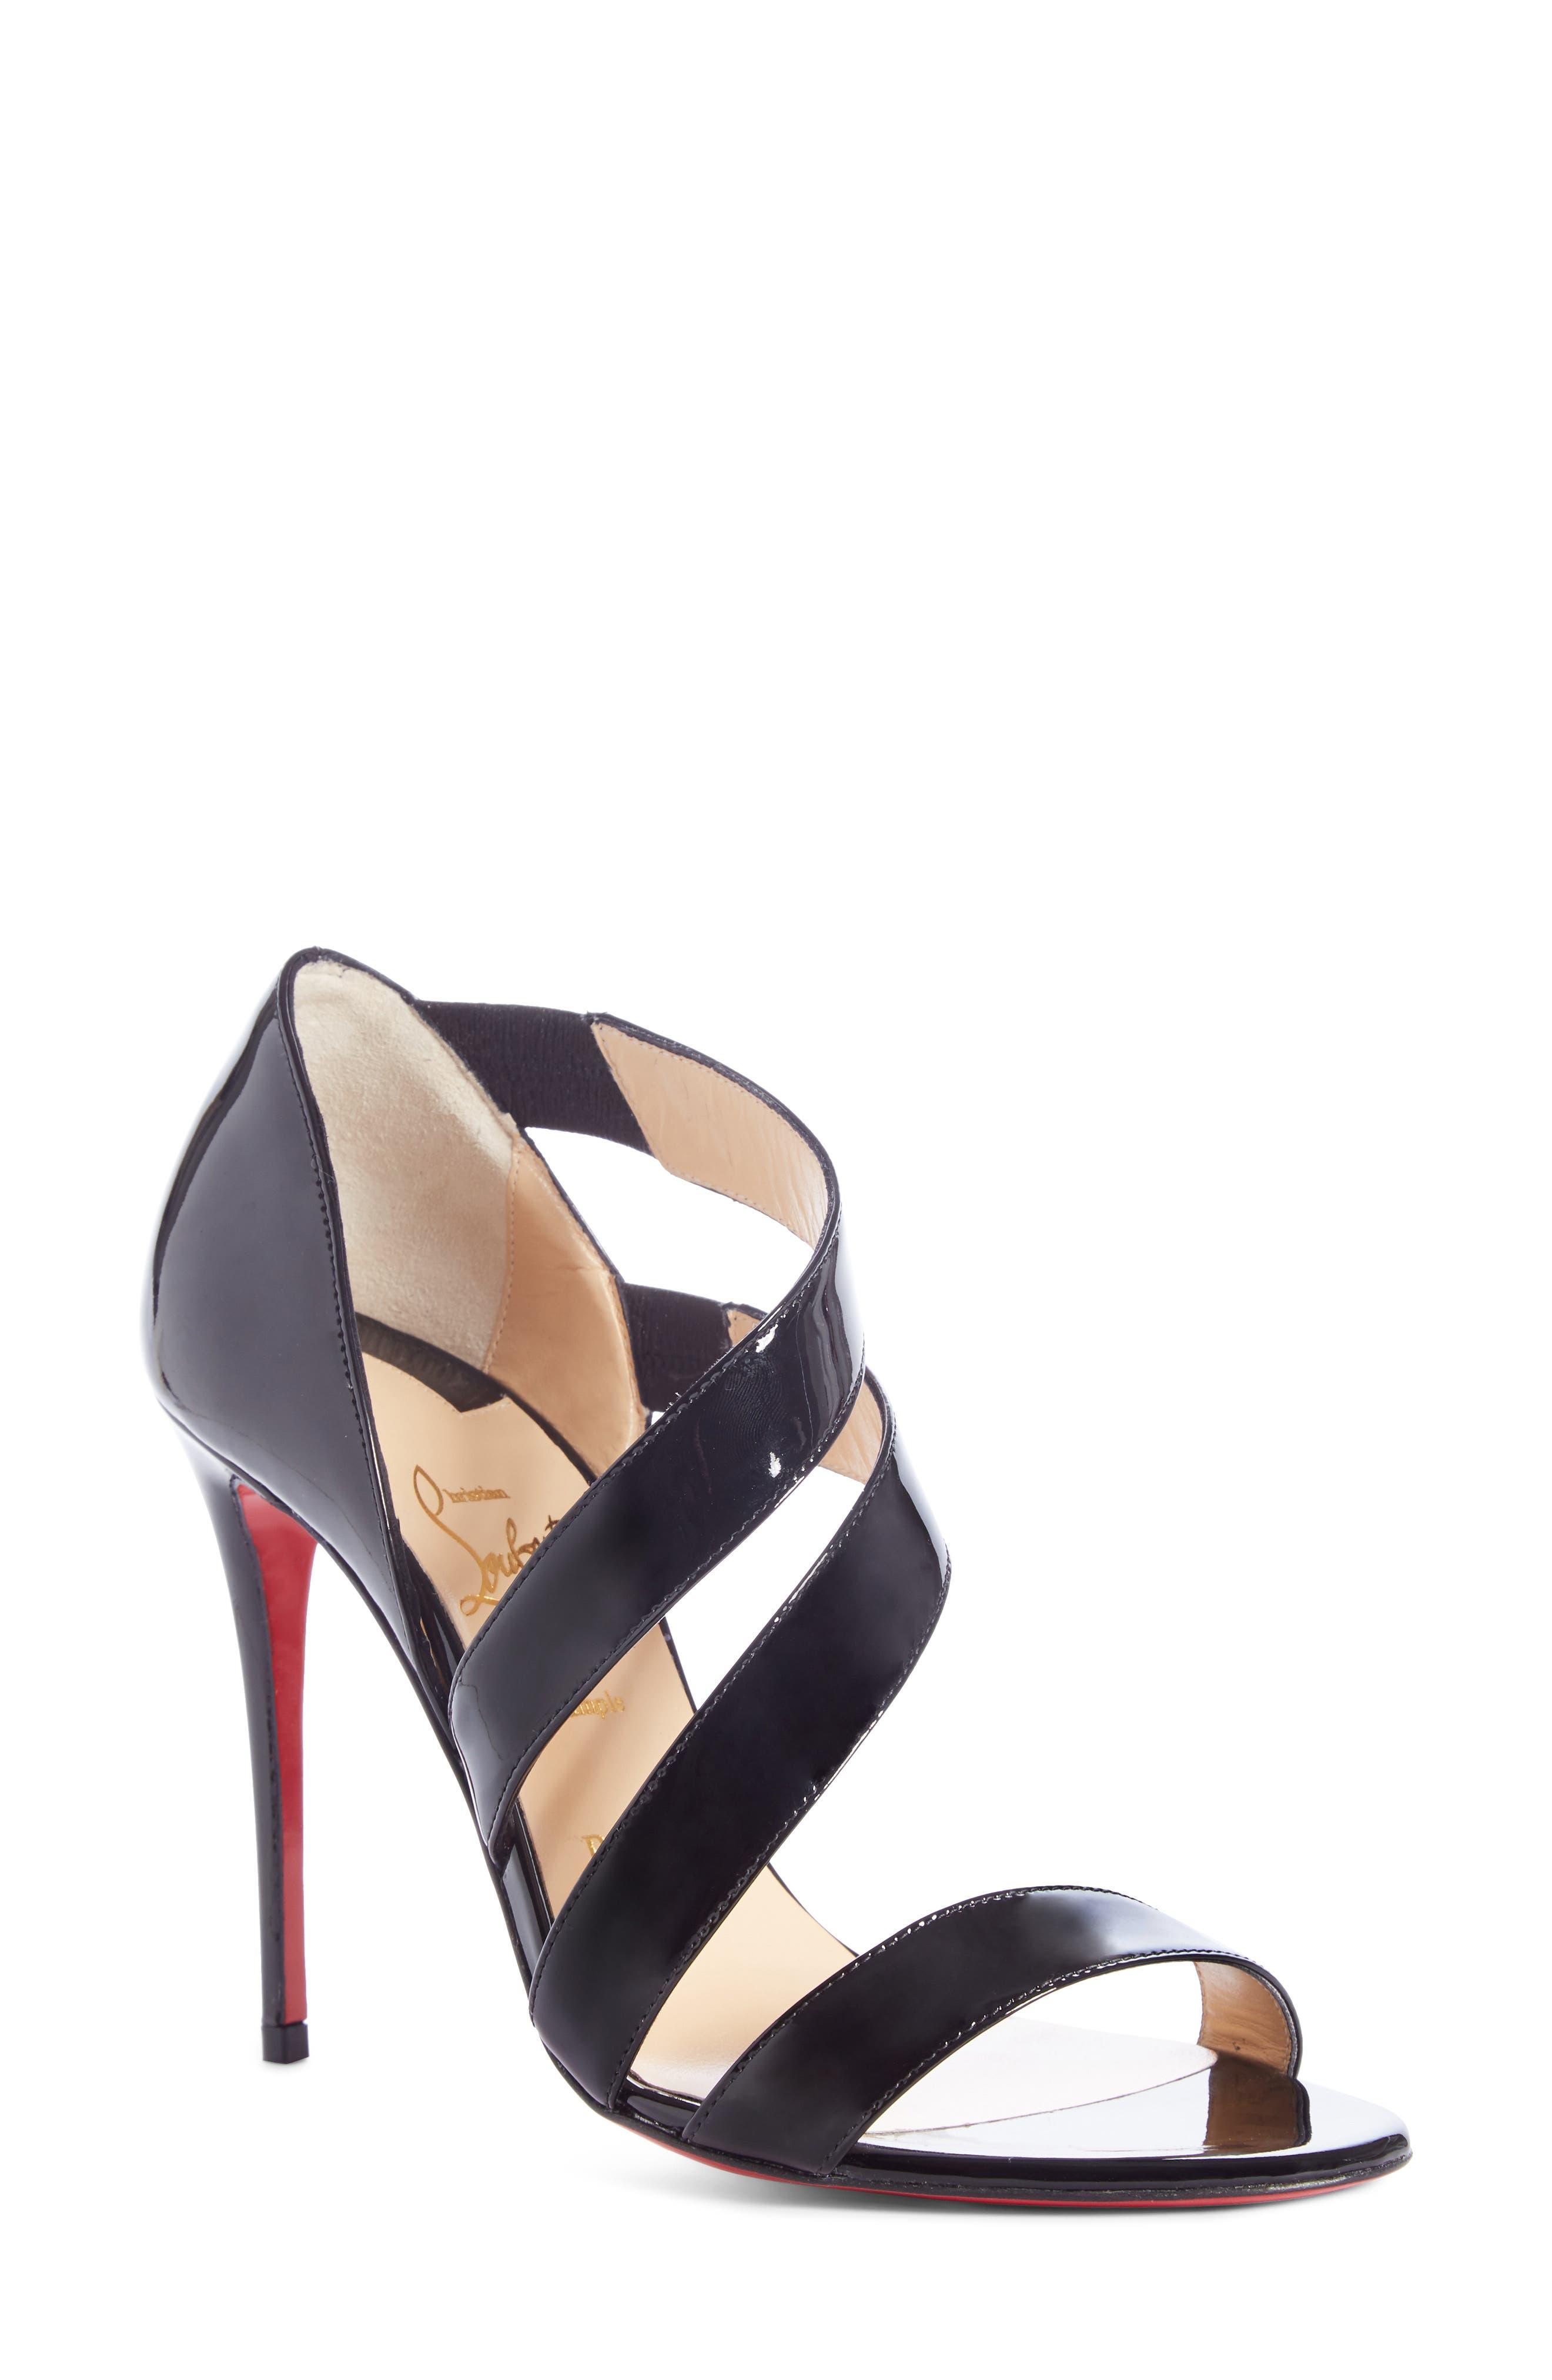 fbec85acc89d Christian Louboutin World Copine Asymmetrical Sandal - Black